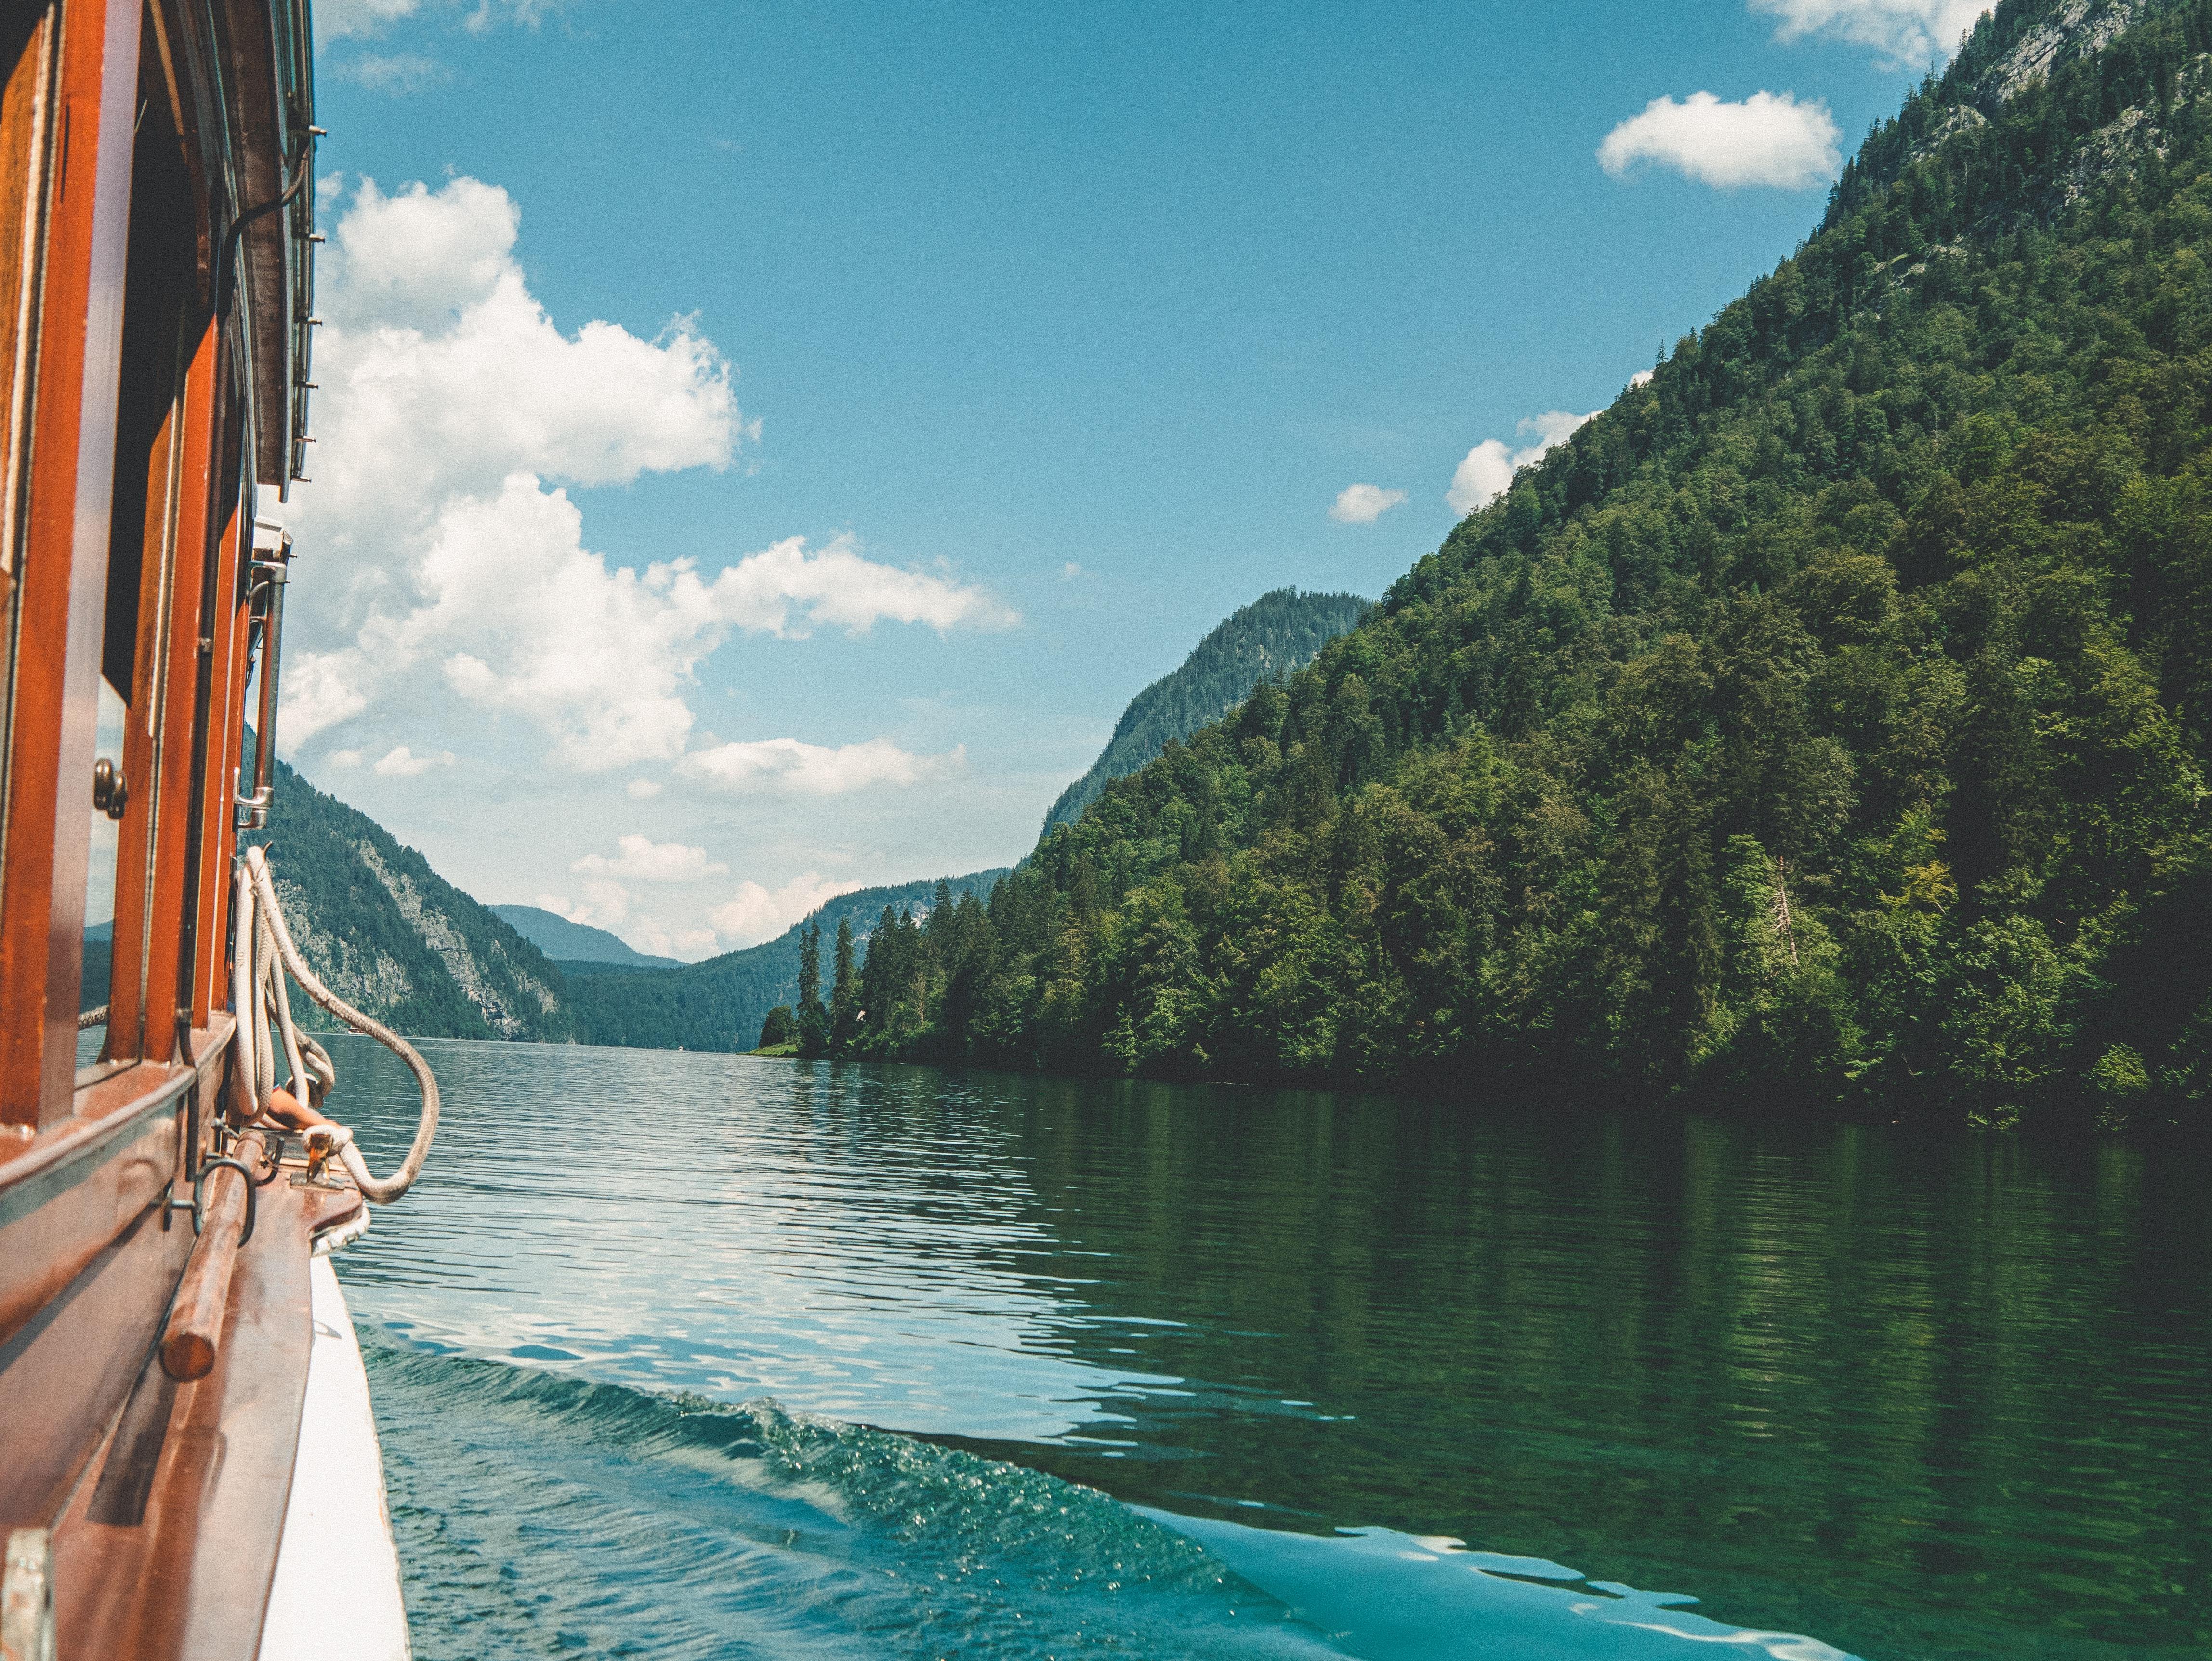 Parque Nacional de Berchtesgaden, los mejores parques nacionales de Alemania